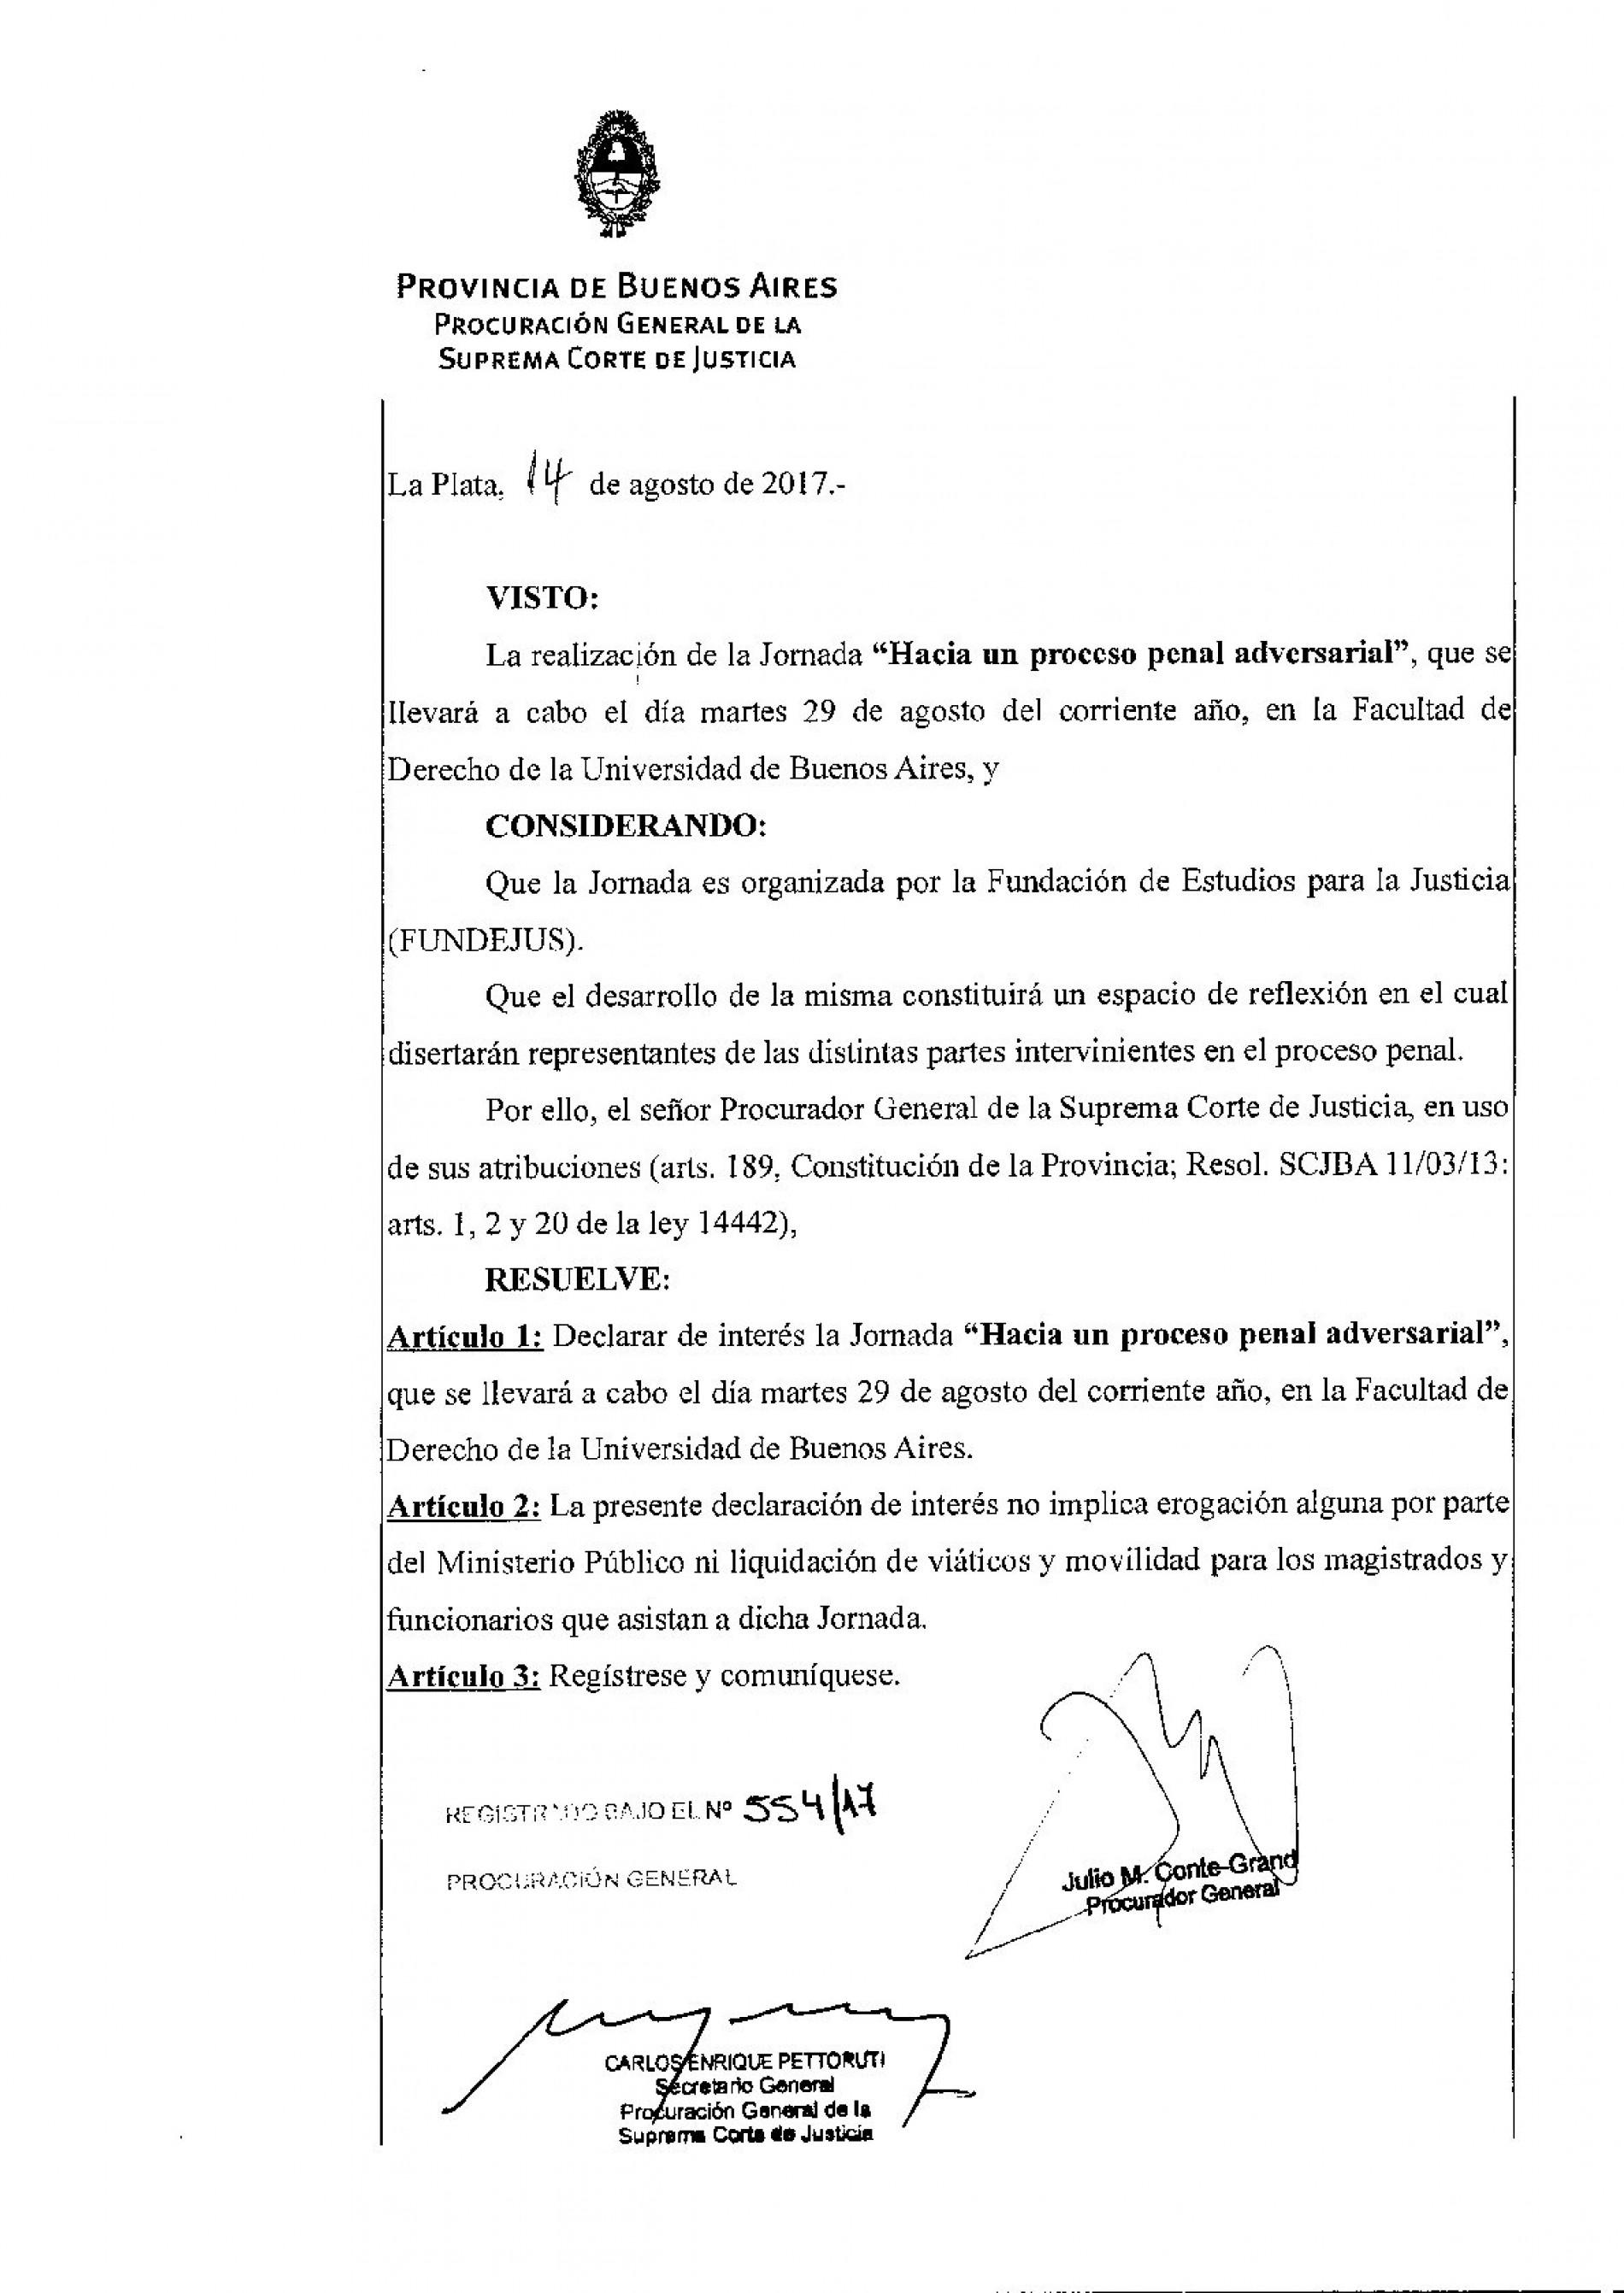 » Hacia un proceso penal adversarial «: Declaración de interés del Ministerio Público de la Provincia de Buenos Aires